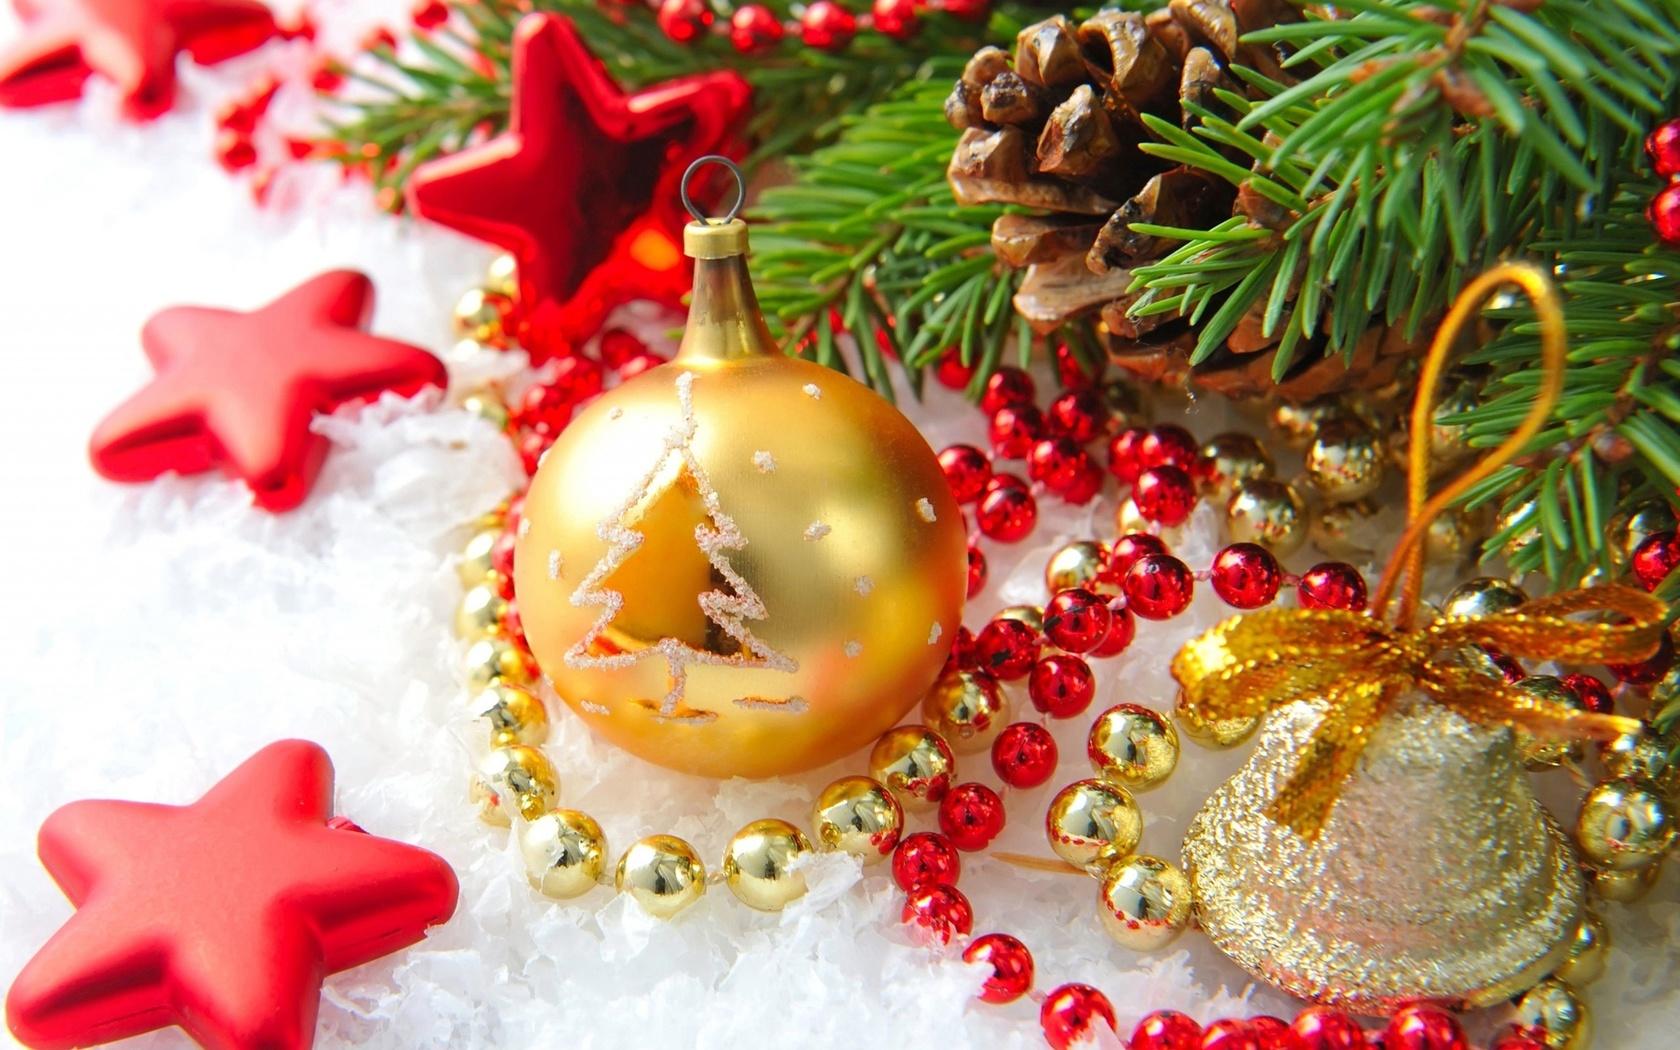 картинки на тему новогодние игрушки продать или купить